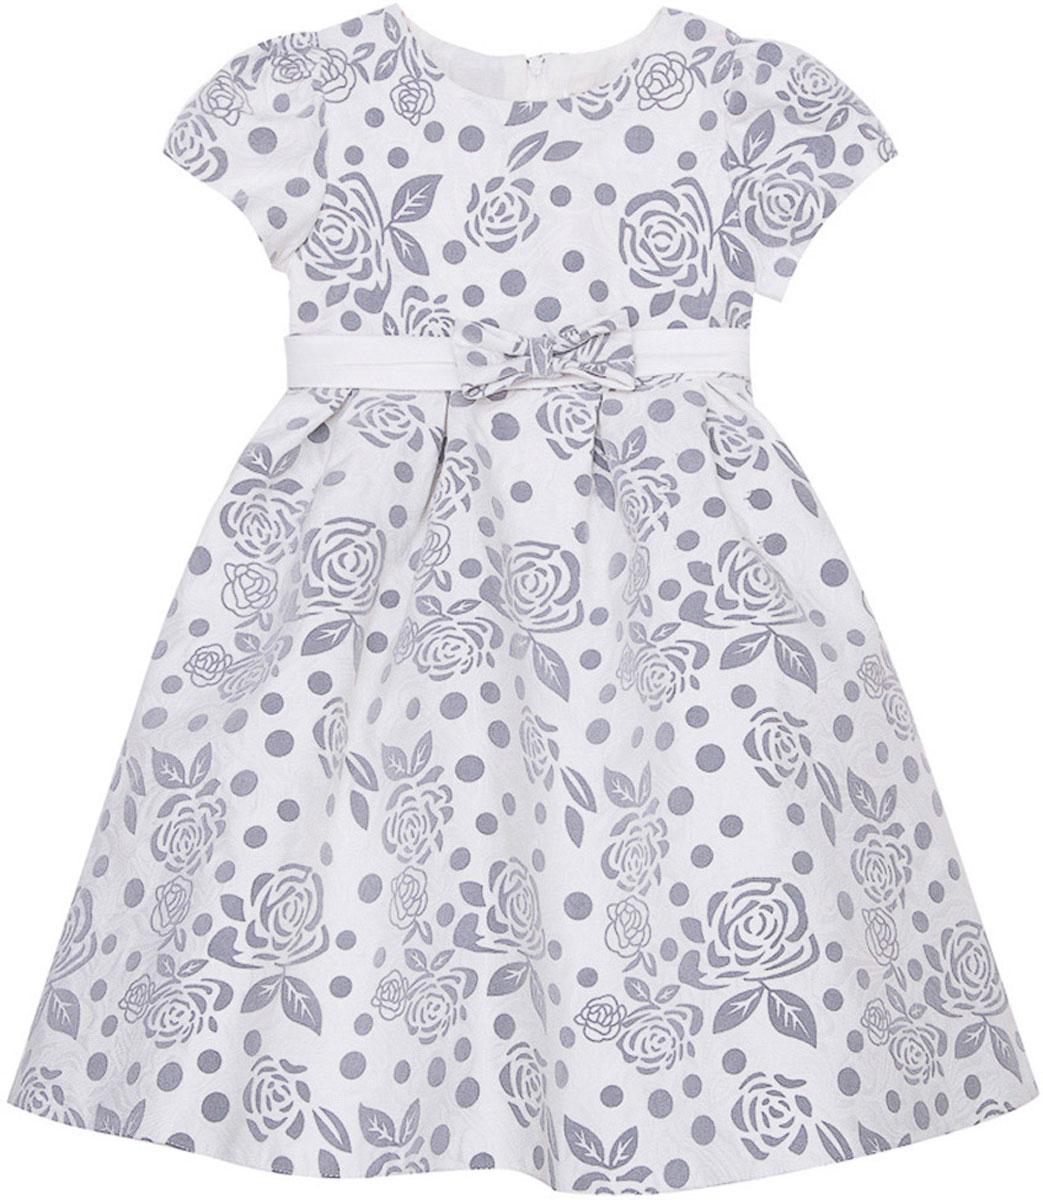 Платье для девочки Vitacci, цвет: серый. 2171394-02. Размер 1202171394-02Стильное платье Vitacci идеально подойдет вашей дочурке. Платье выполнено из полиэстера с подкладкой из хлопка. Платье с короткими рукавами и круглым вырезом горловины дополнено стильным принтом и на талии декоративным бантиком. Модель застегивается на молнию, расположенную на спинке.